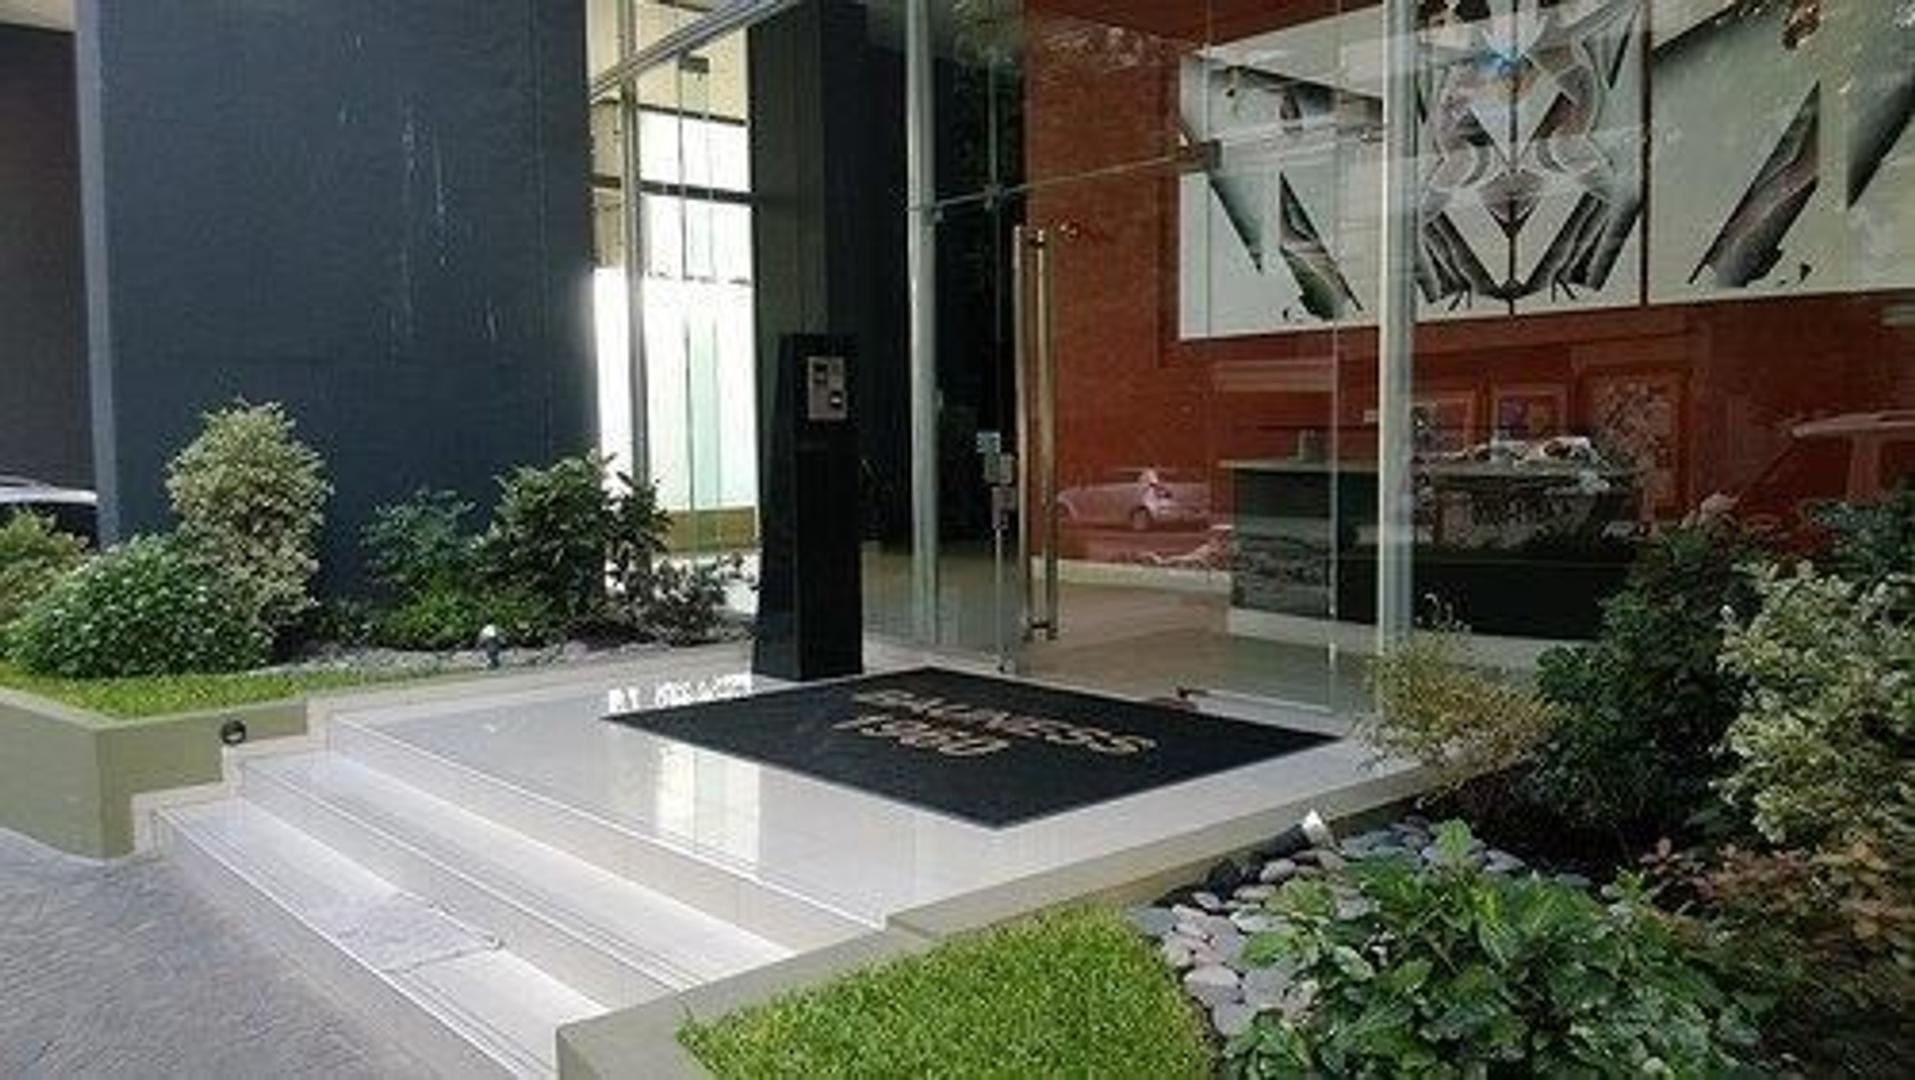 En Alquiler: Bauness y Juramento Depto 3 ambientes con cochera. Edificio Torre con amenities. Subte